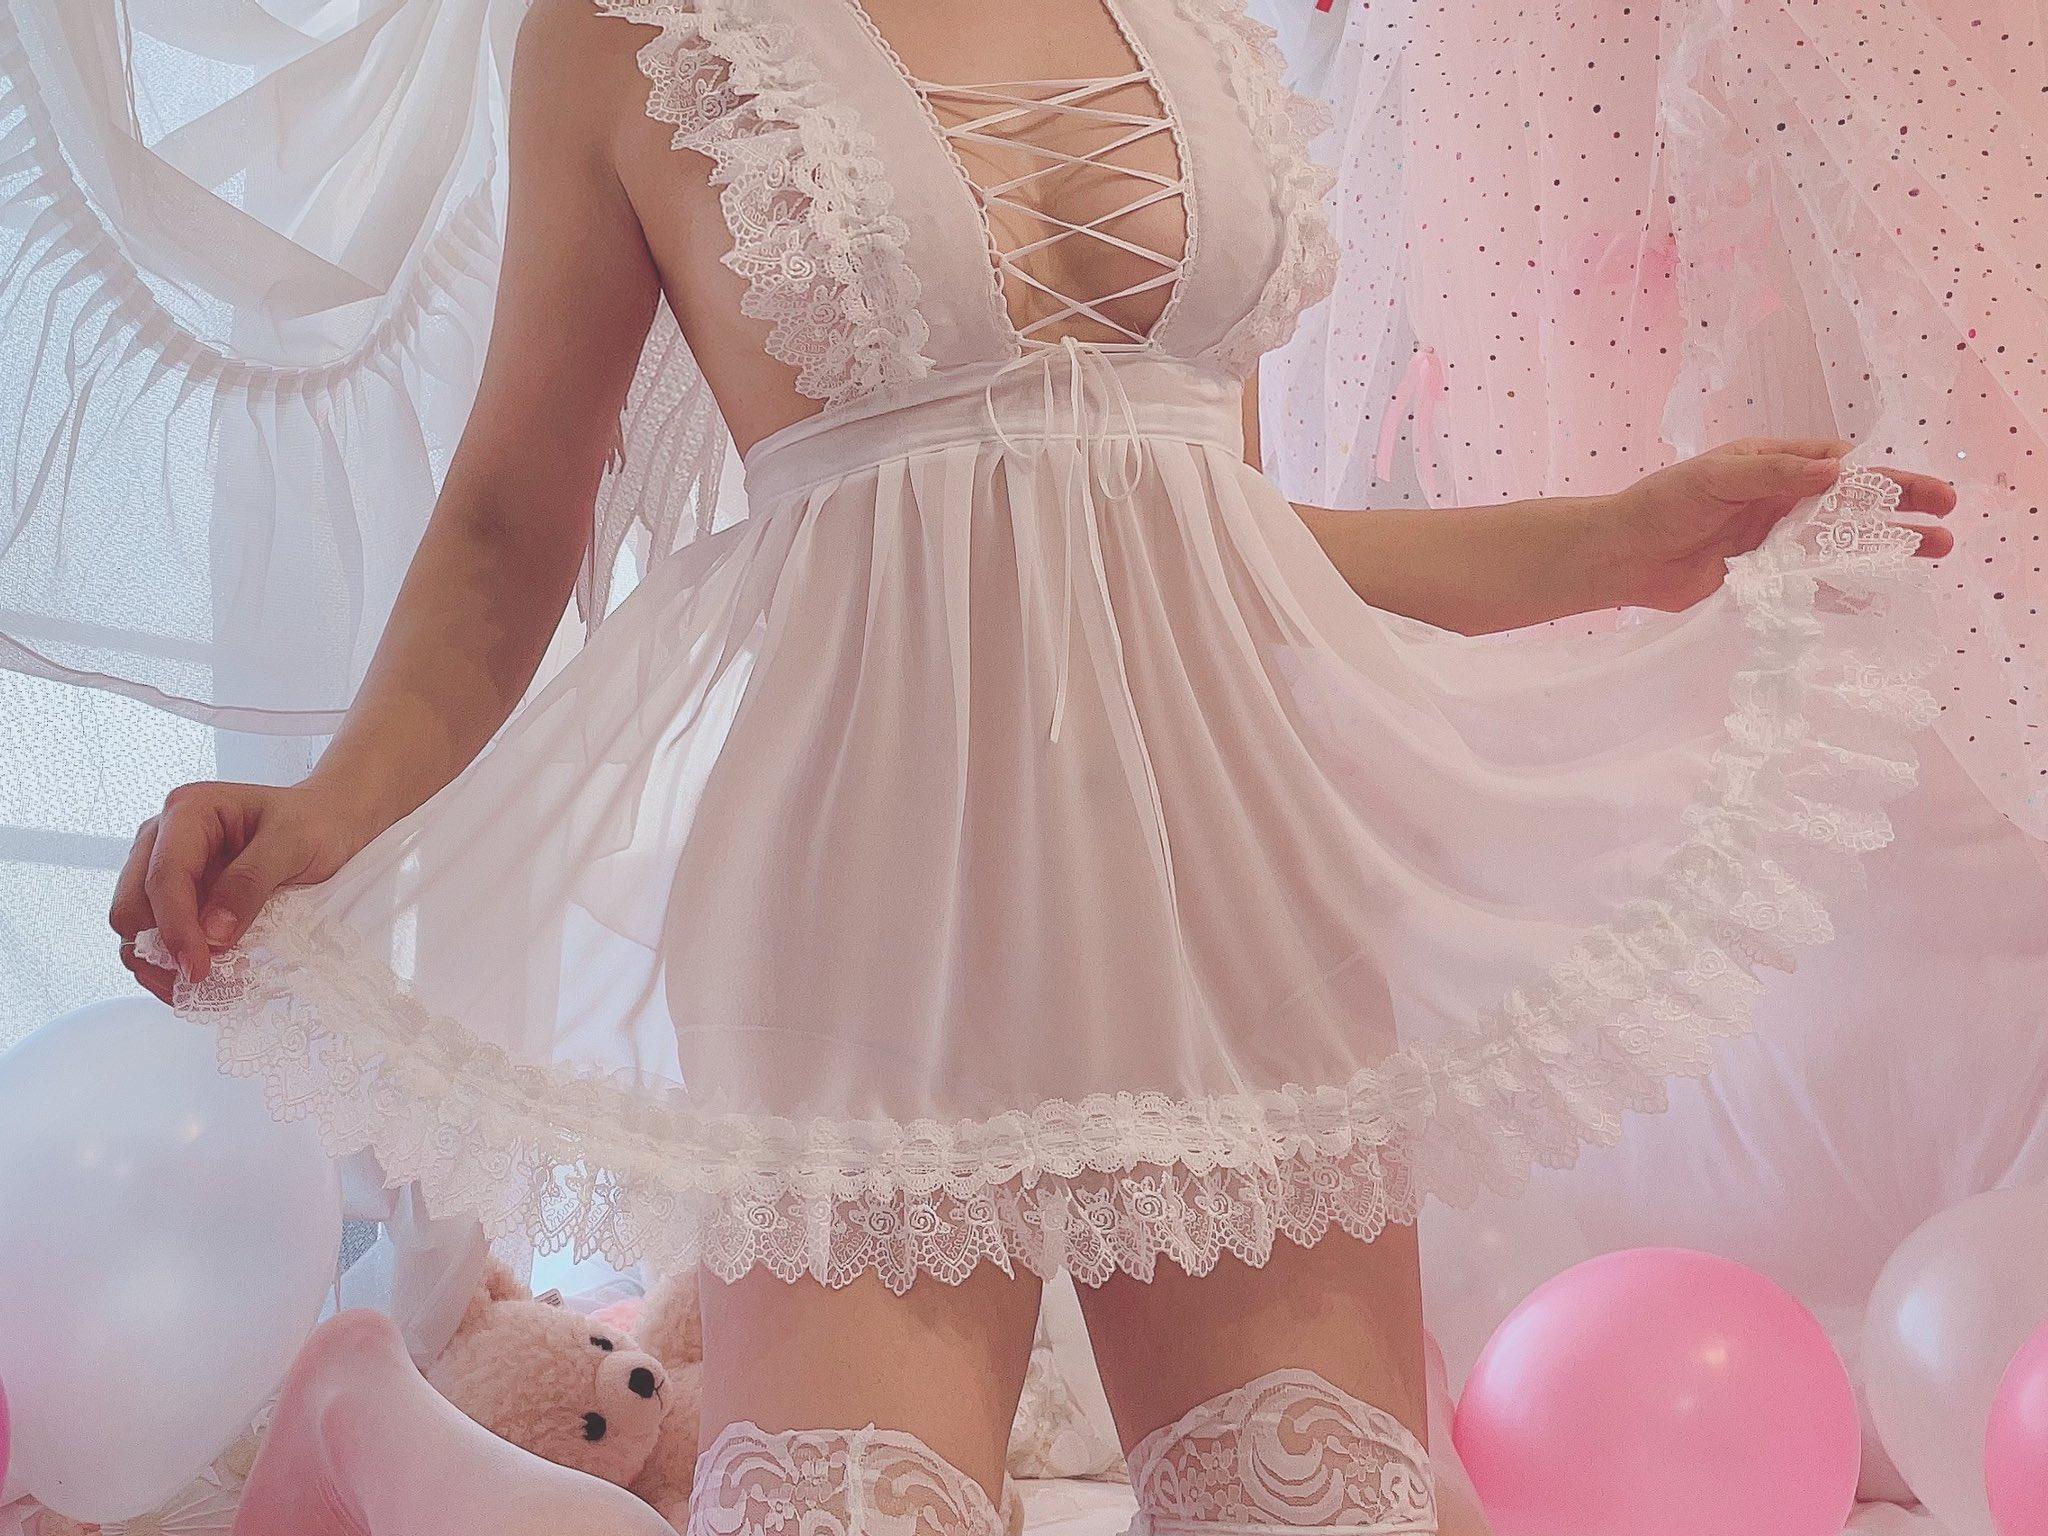 画像,推しが裸エプロンの天使になる衣装推しへのプレゼントにいかがですか? https://t.co/EHJYb5jfdy。